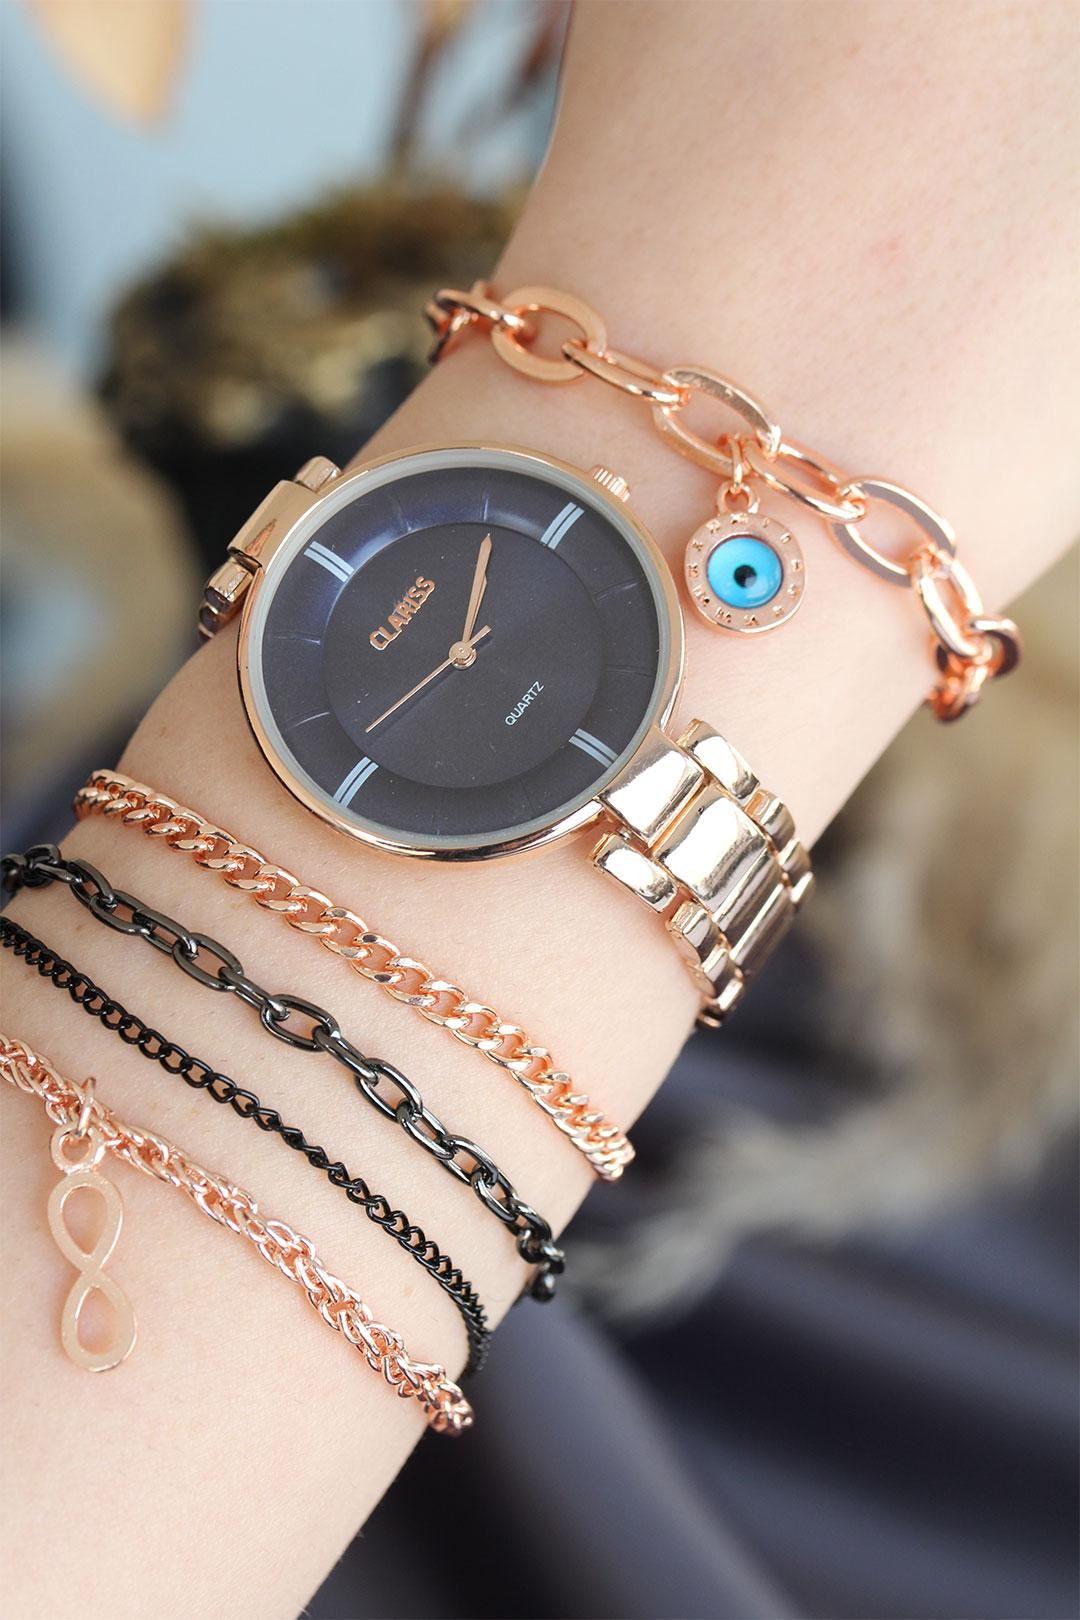 Rose Renk Metal Kordonlu Lacivert Kadran Kadın Saat ve Bileklik Kombini